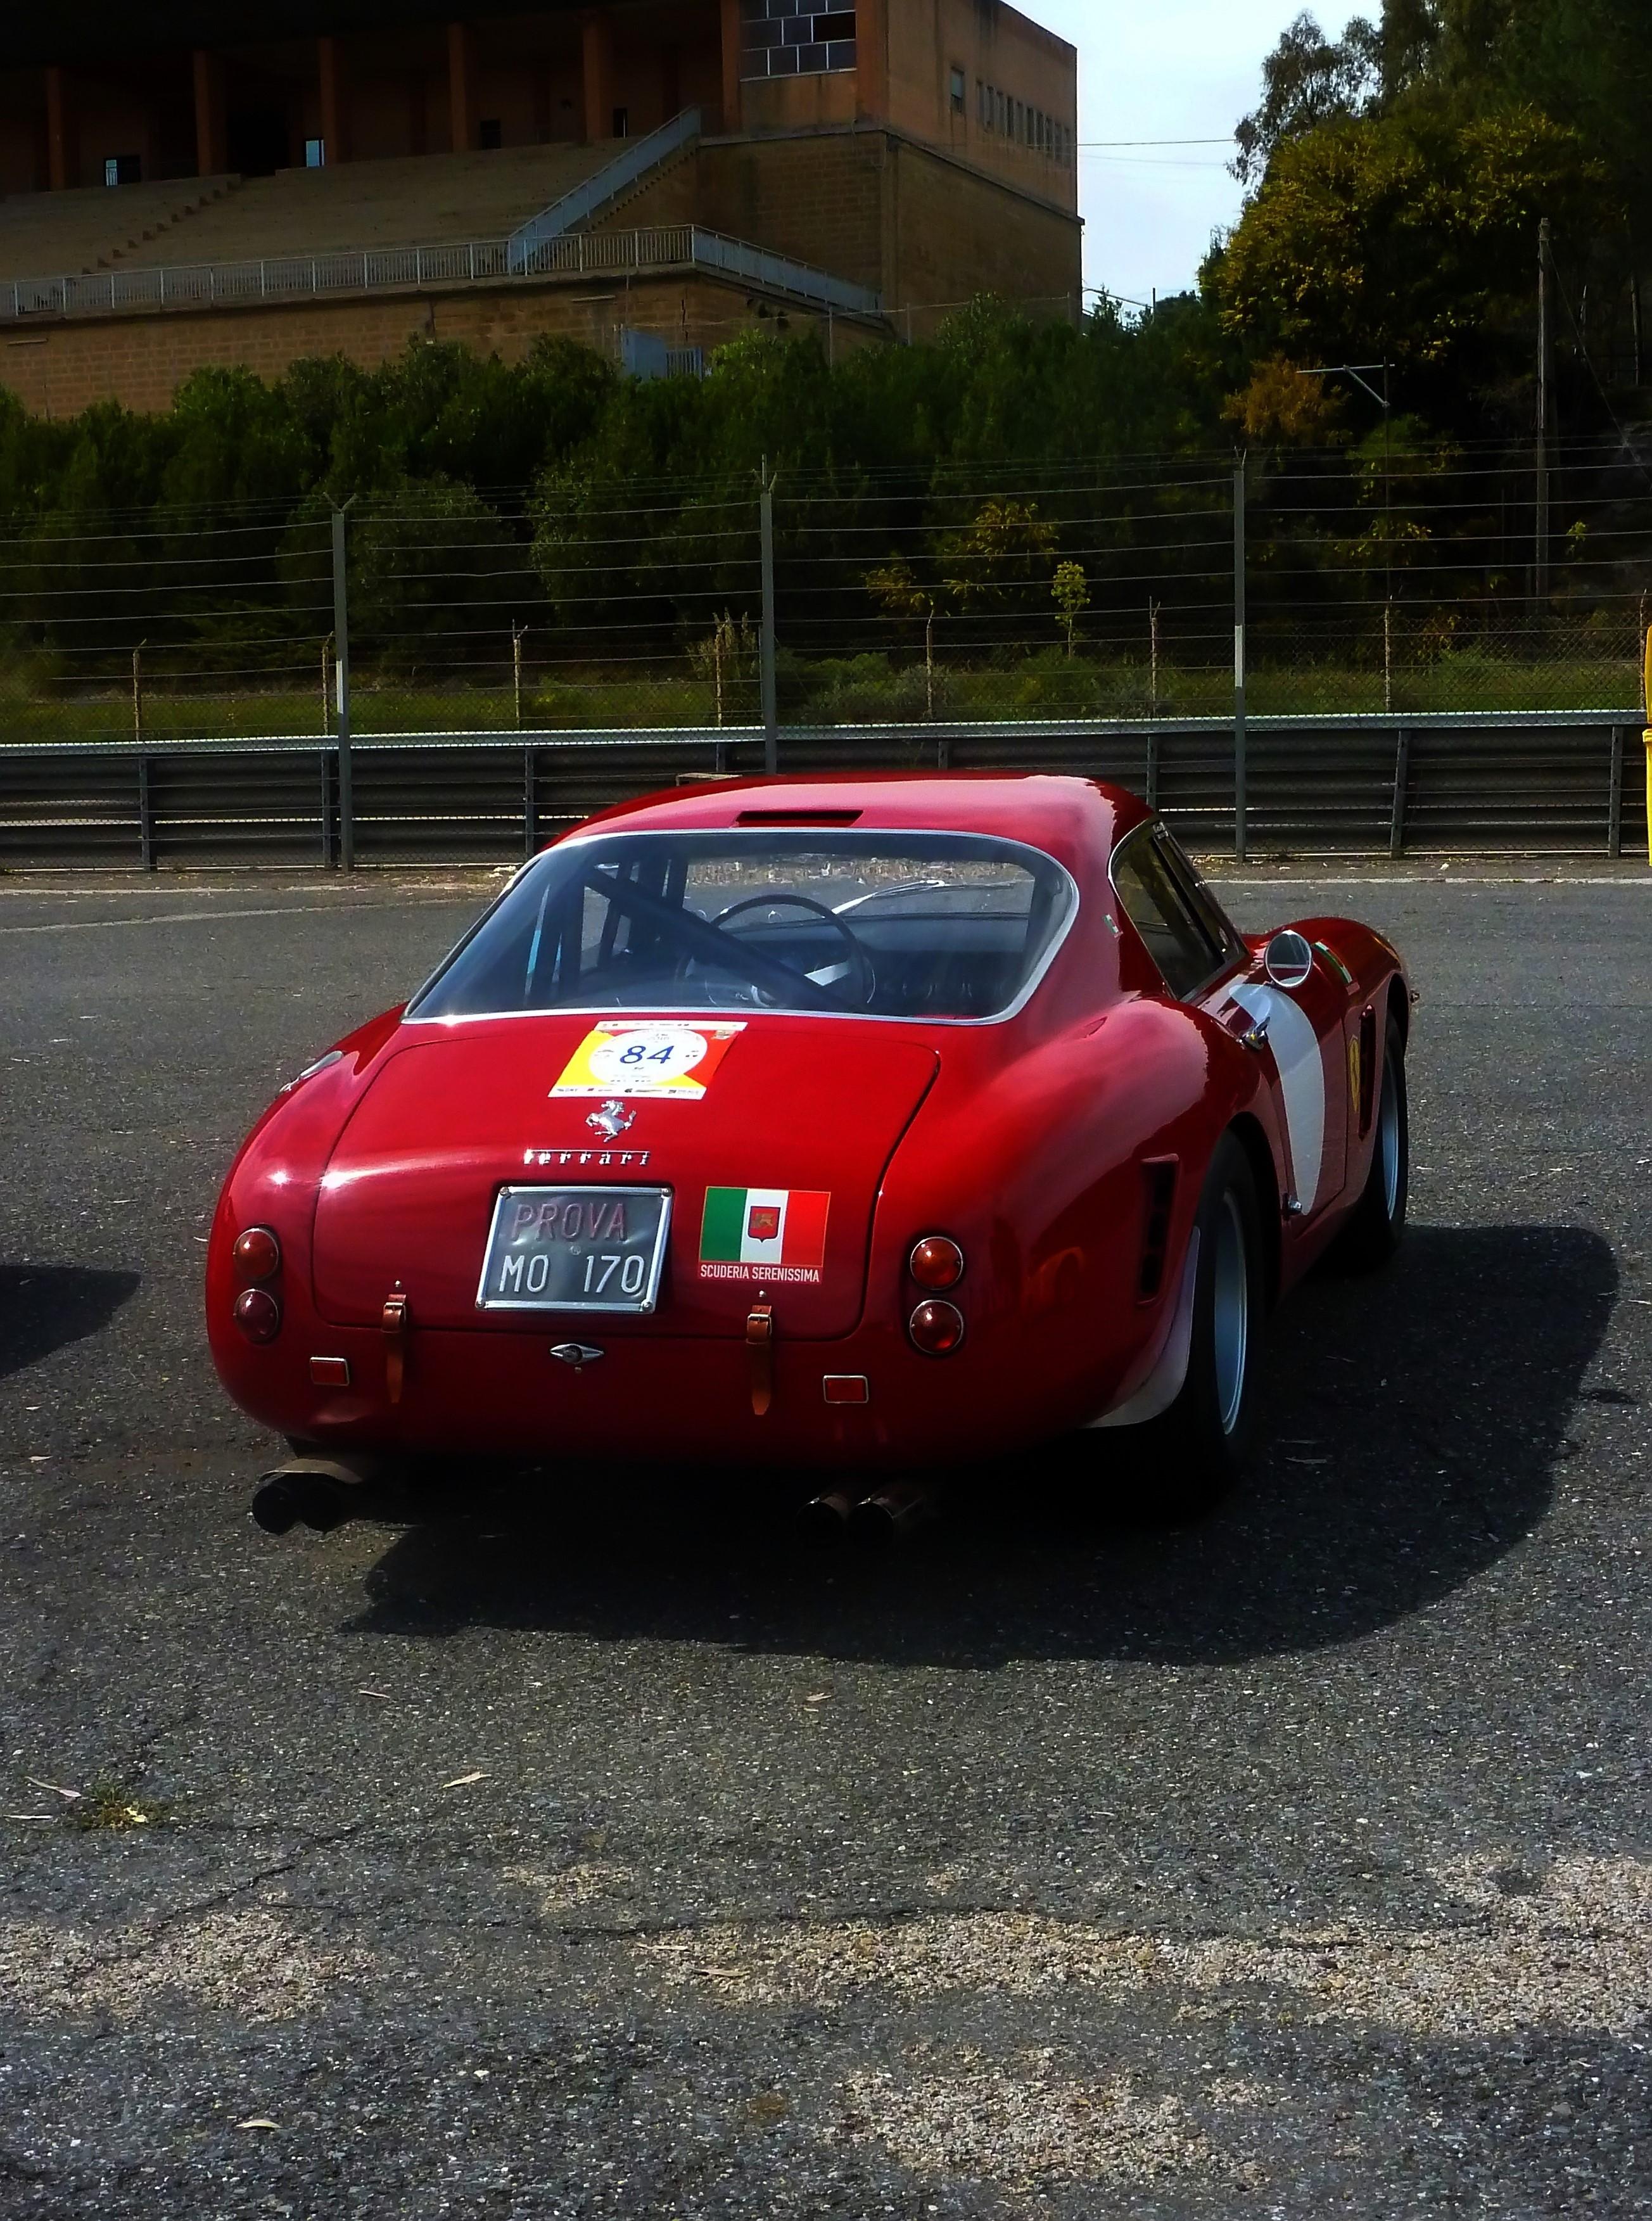 1961 Ferrari 250 GT SWB #2701 (66)_filtered